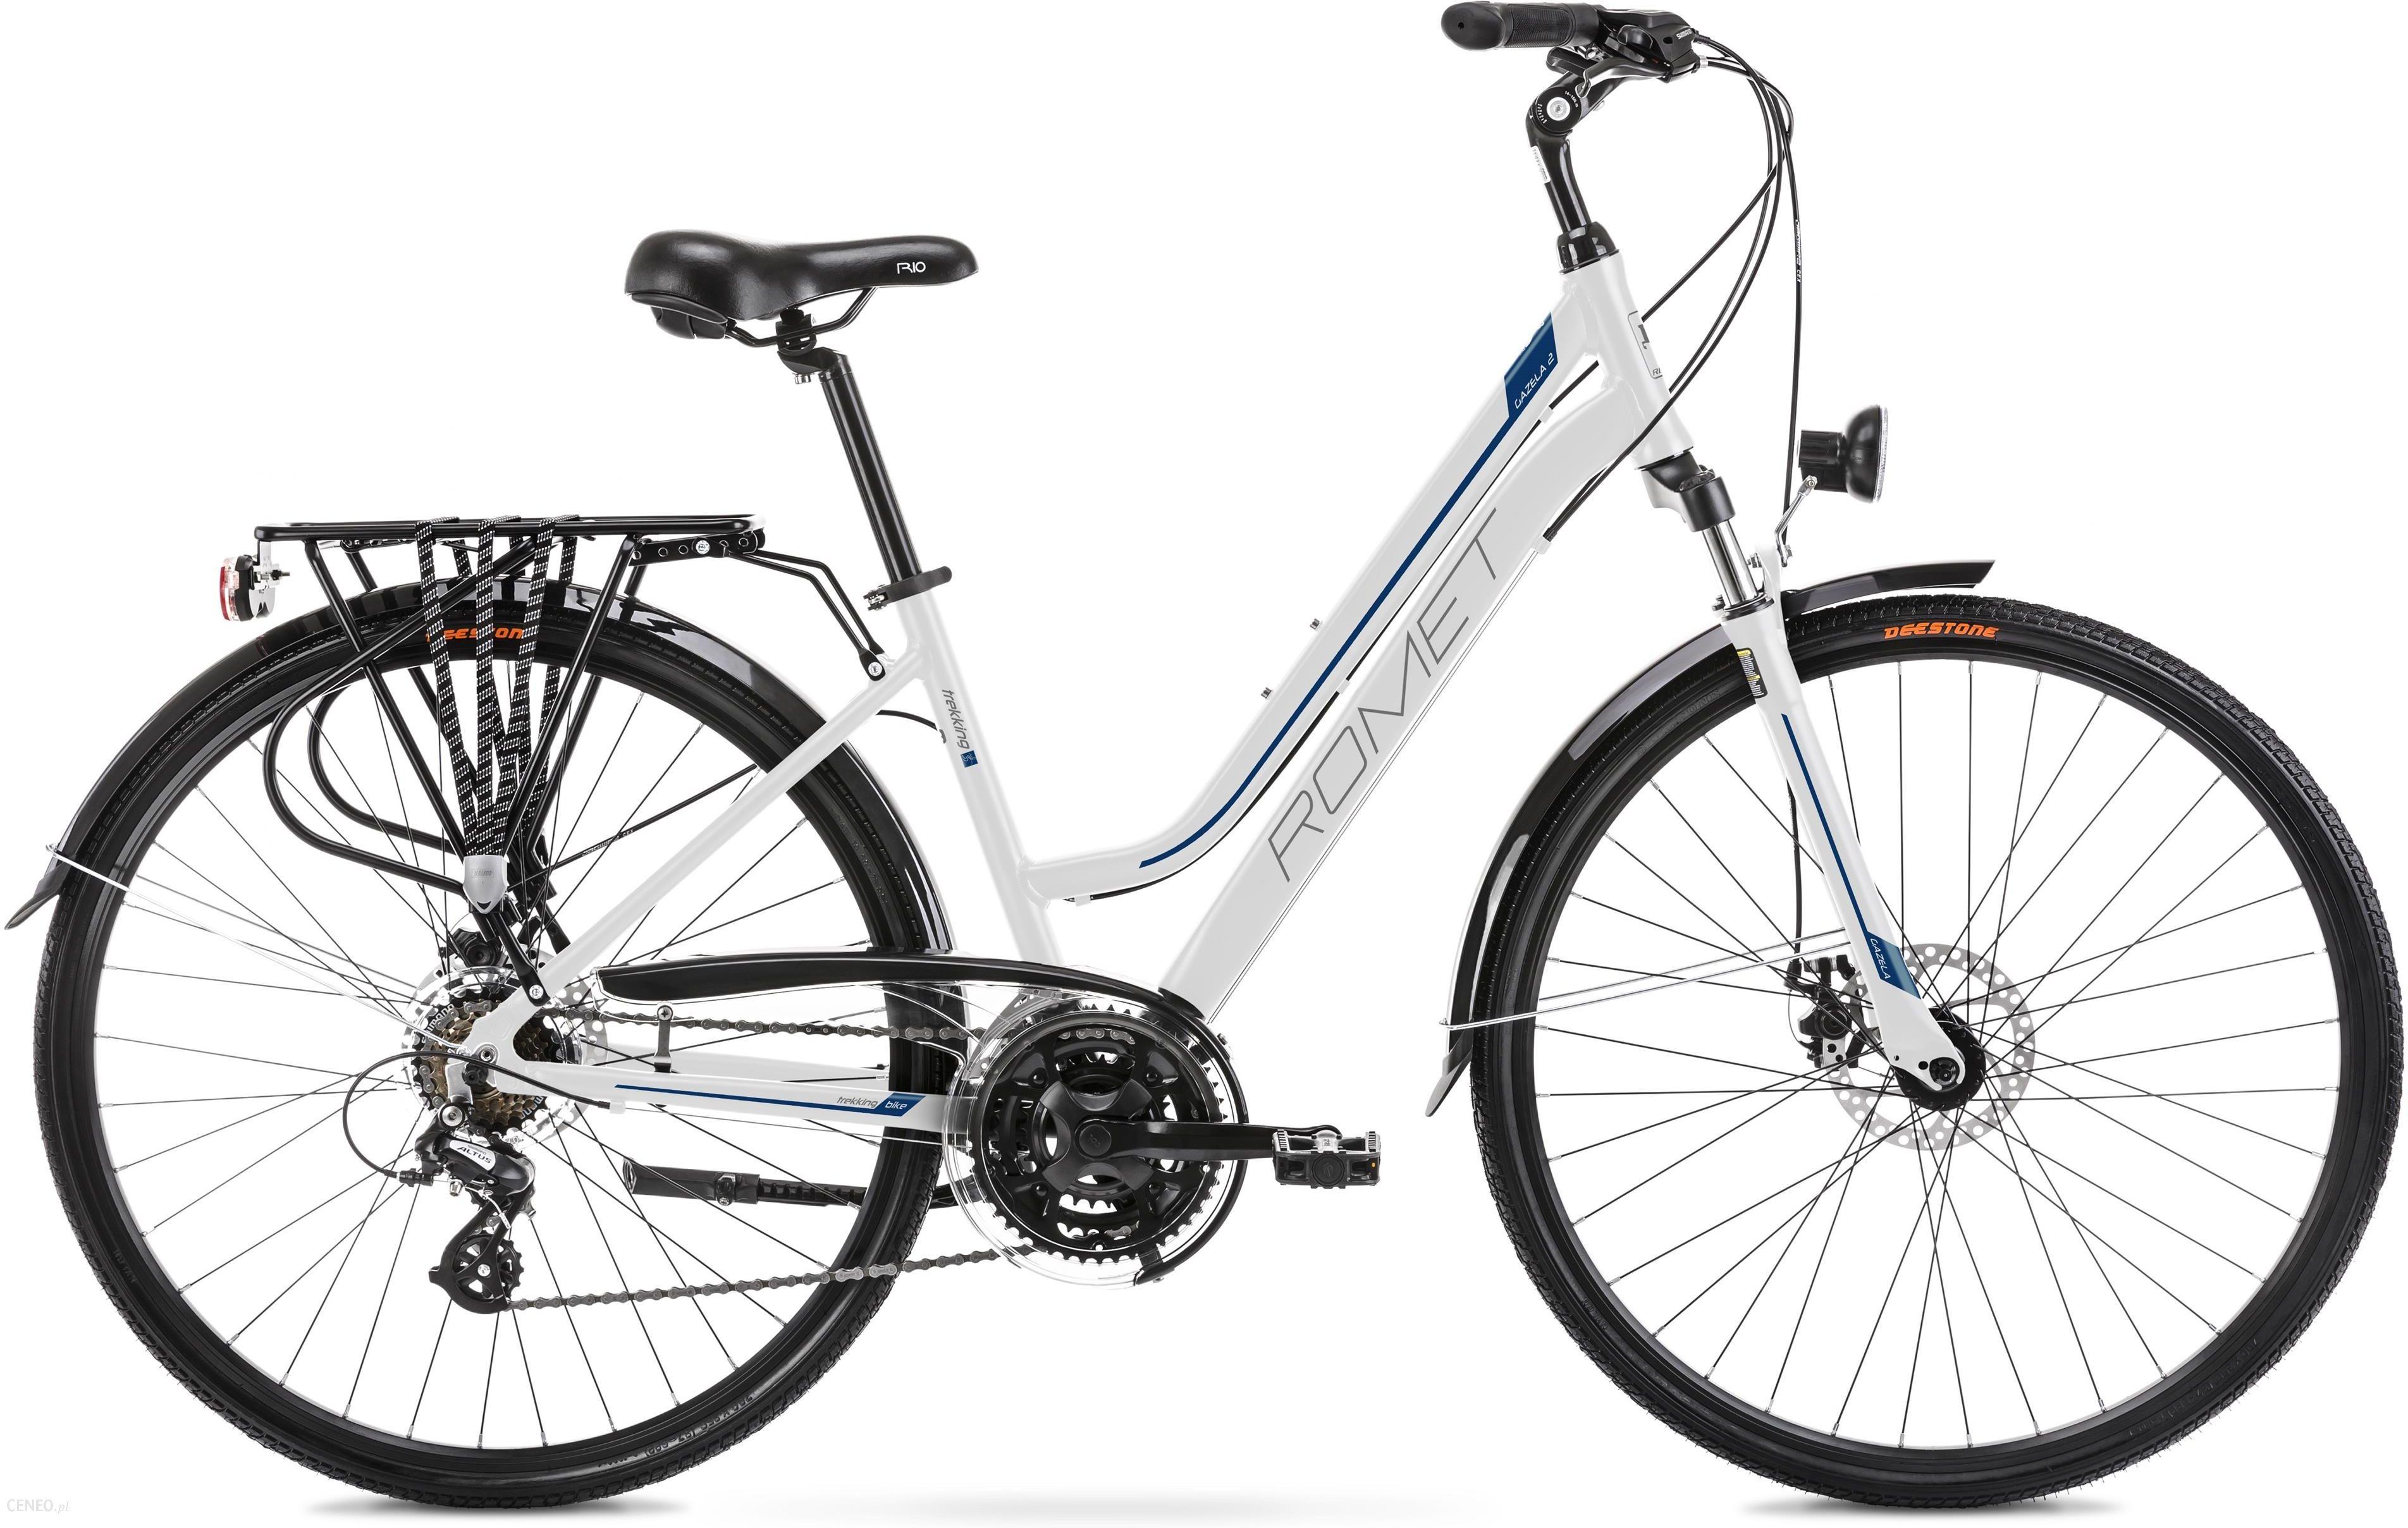 Rower Romet Gazela 2 Biały Niebieski 28 2021 - zdjęcie 1